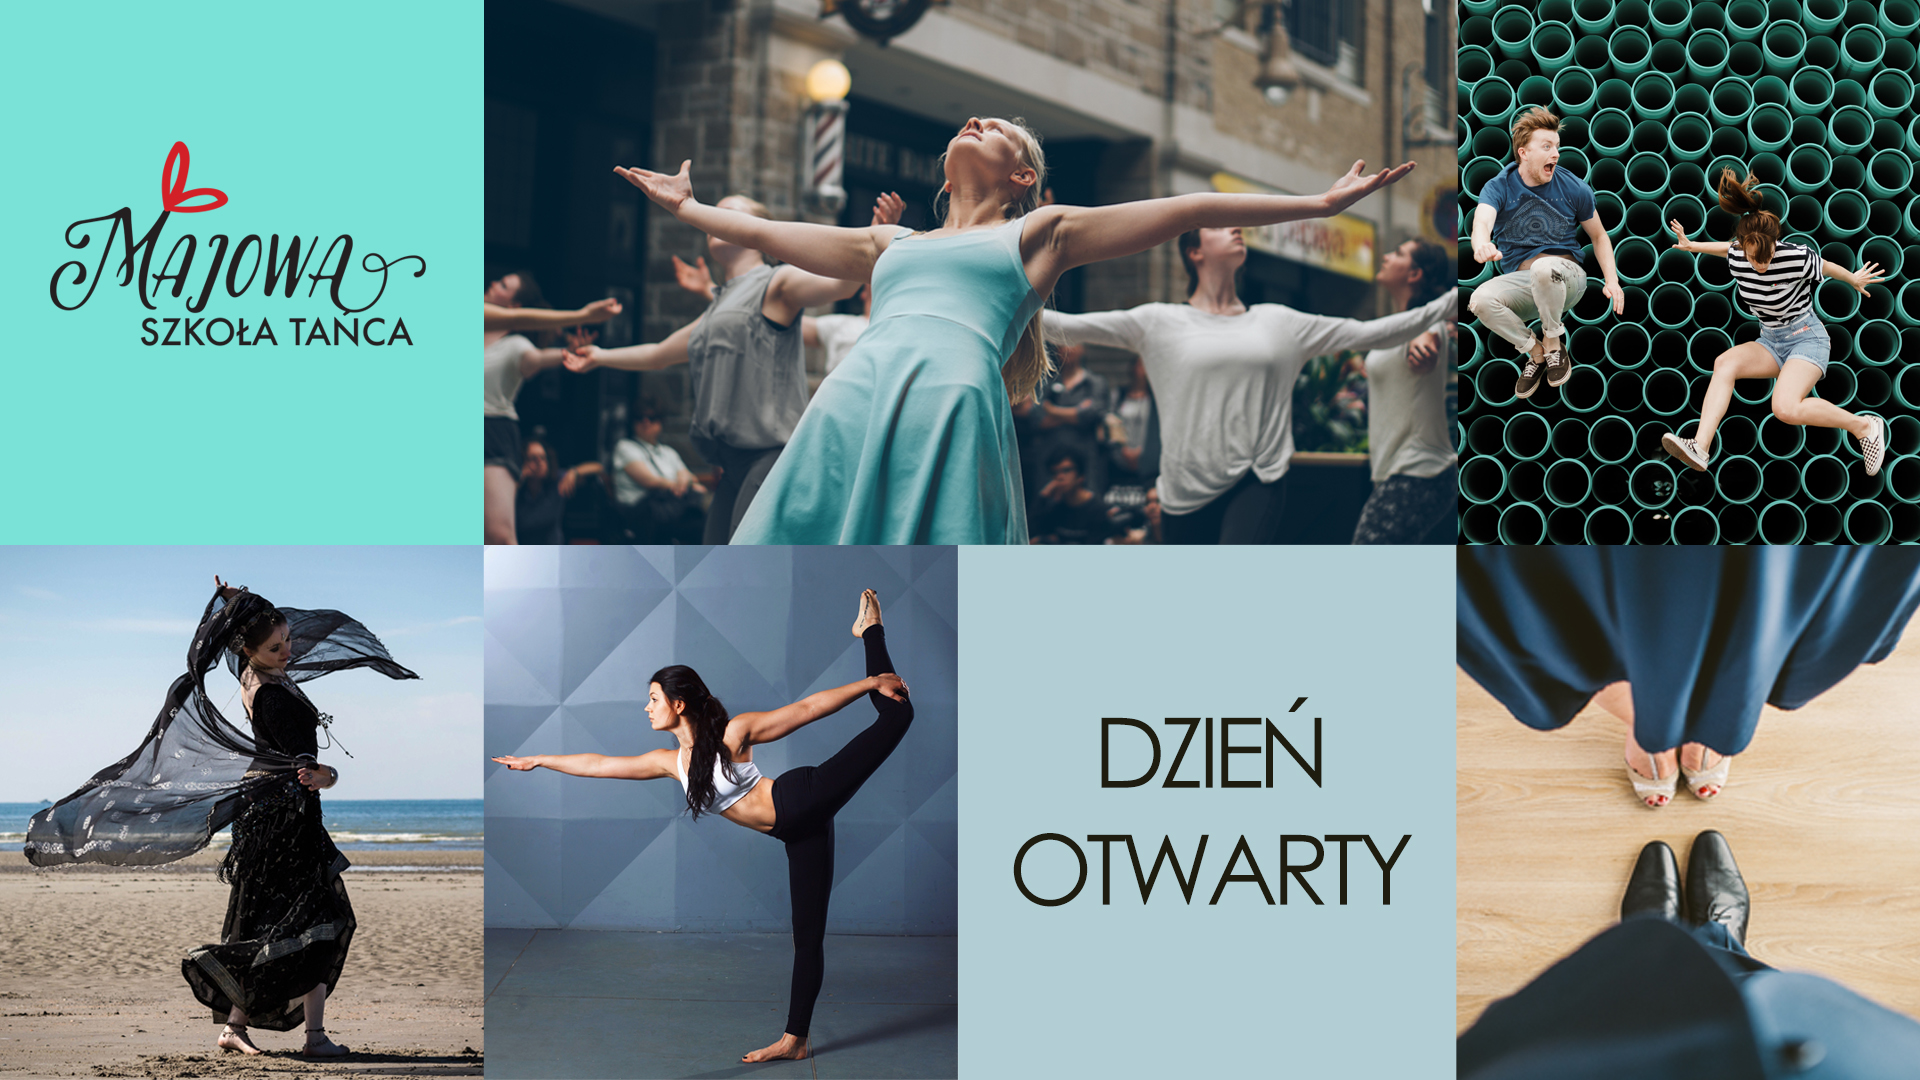 Dzień otwarty w Majowej Szkole Tańca